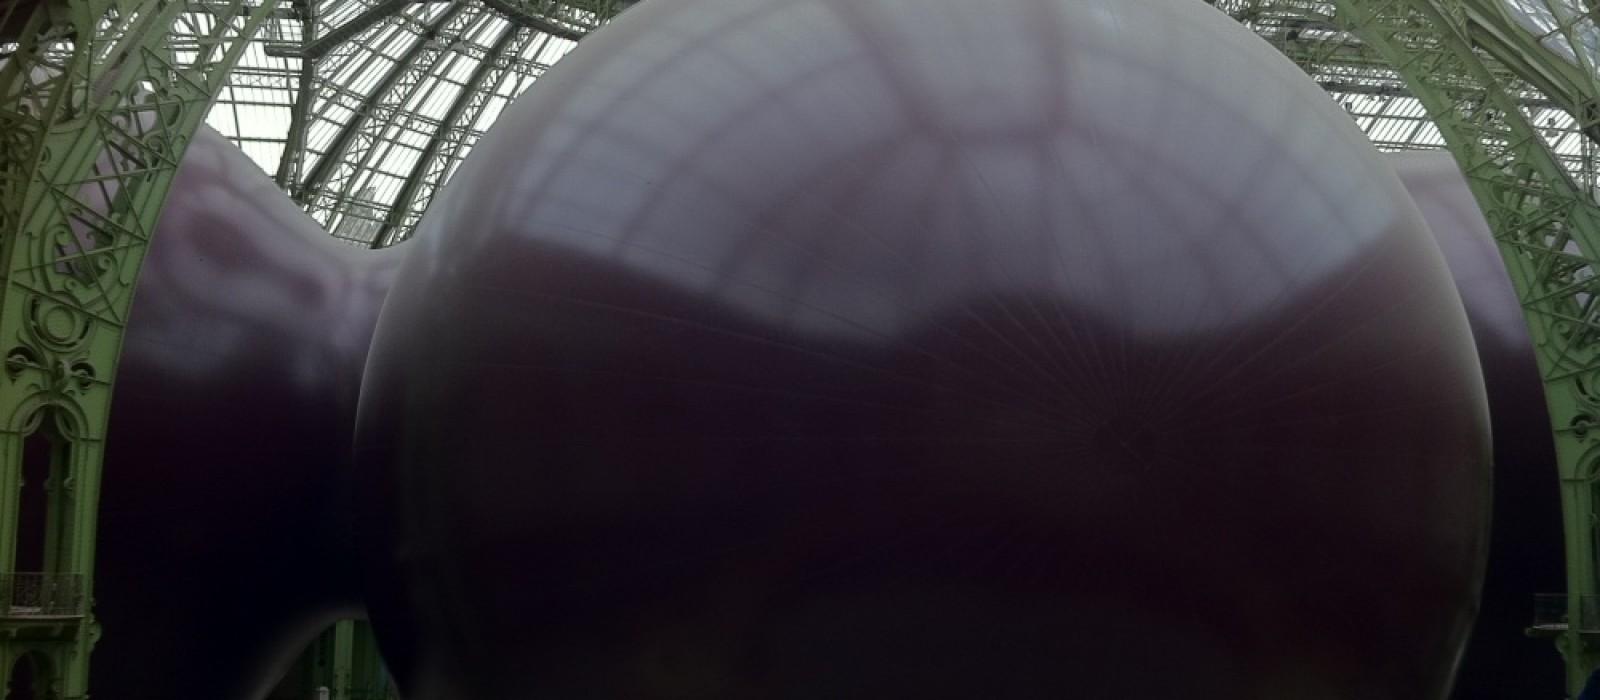 Leviathan au Grand Palais de Anish Kapoor (dans le cadre de Monumenta 2011)